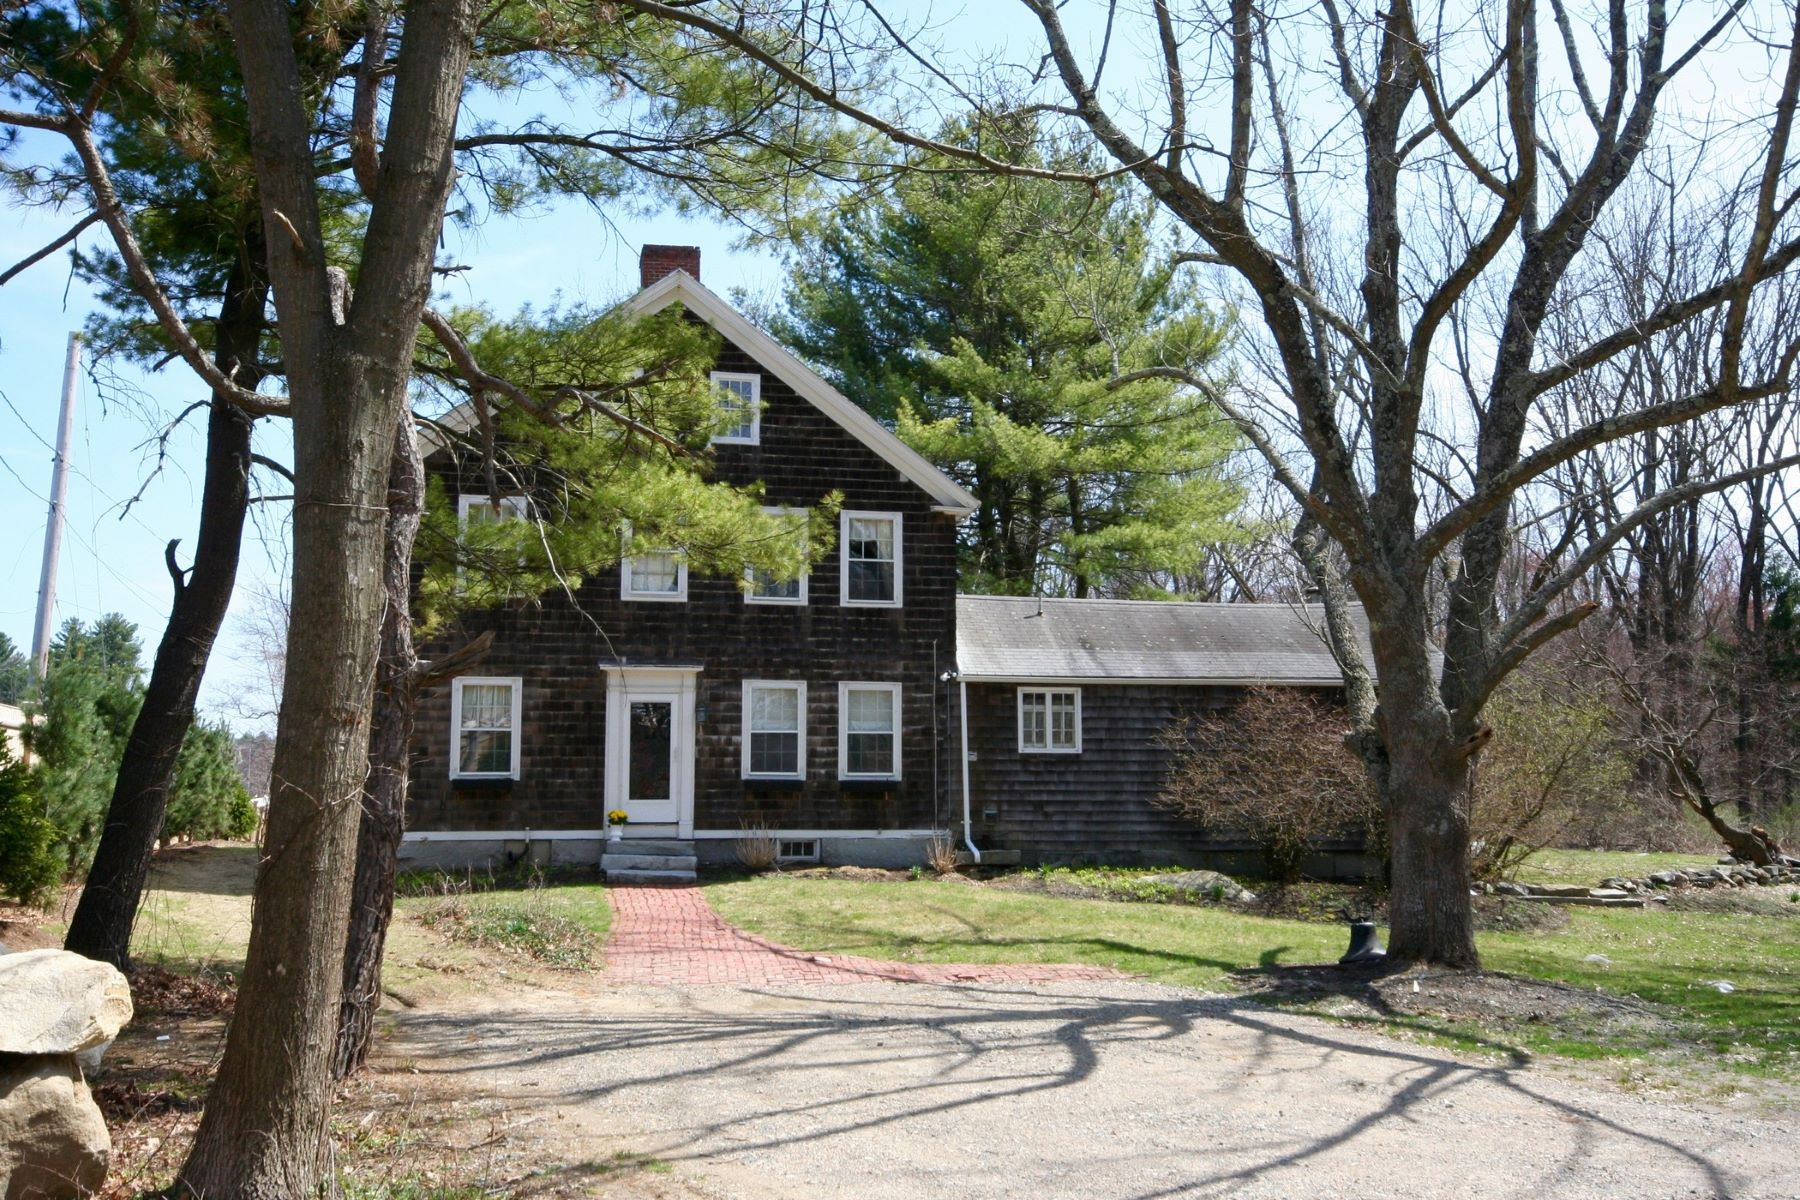 Maison unifamiliale pour l Vente à Abundant sunlight & charm 63 Cambridge Turnpike Lincoln, Massachusetts, 01773 États-Unis